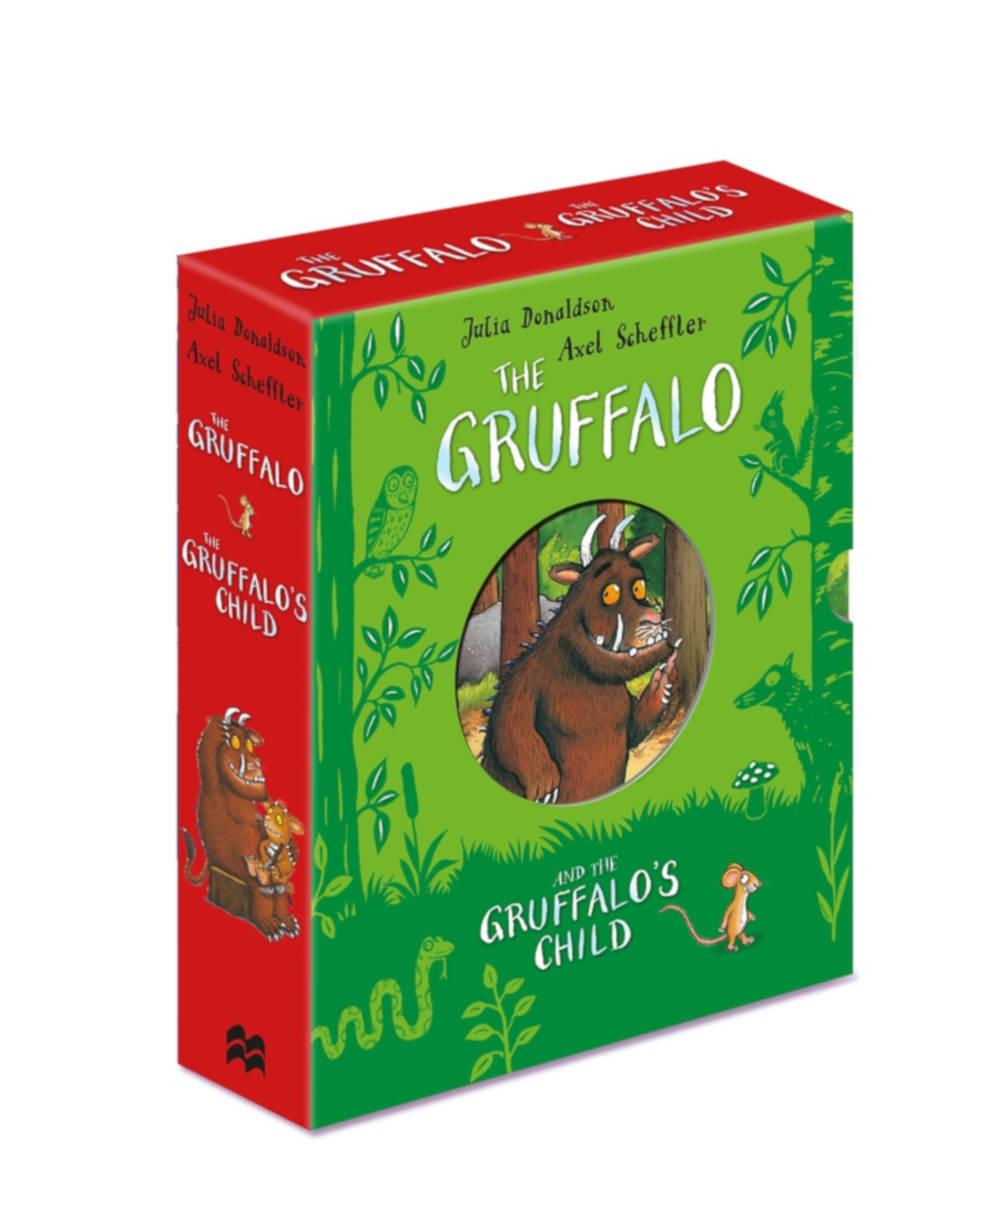 książka bajka do czytania gruffalo dla dzieci po angielsku julia donaldson